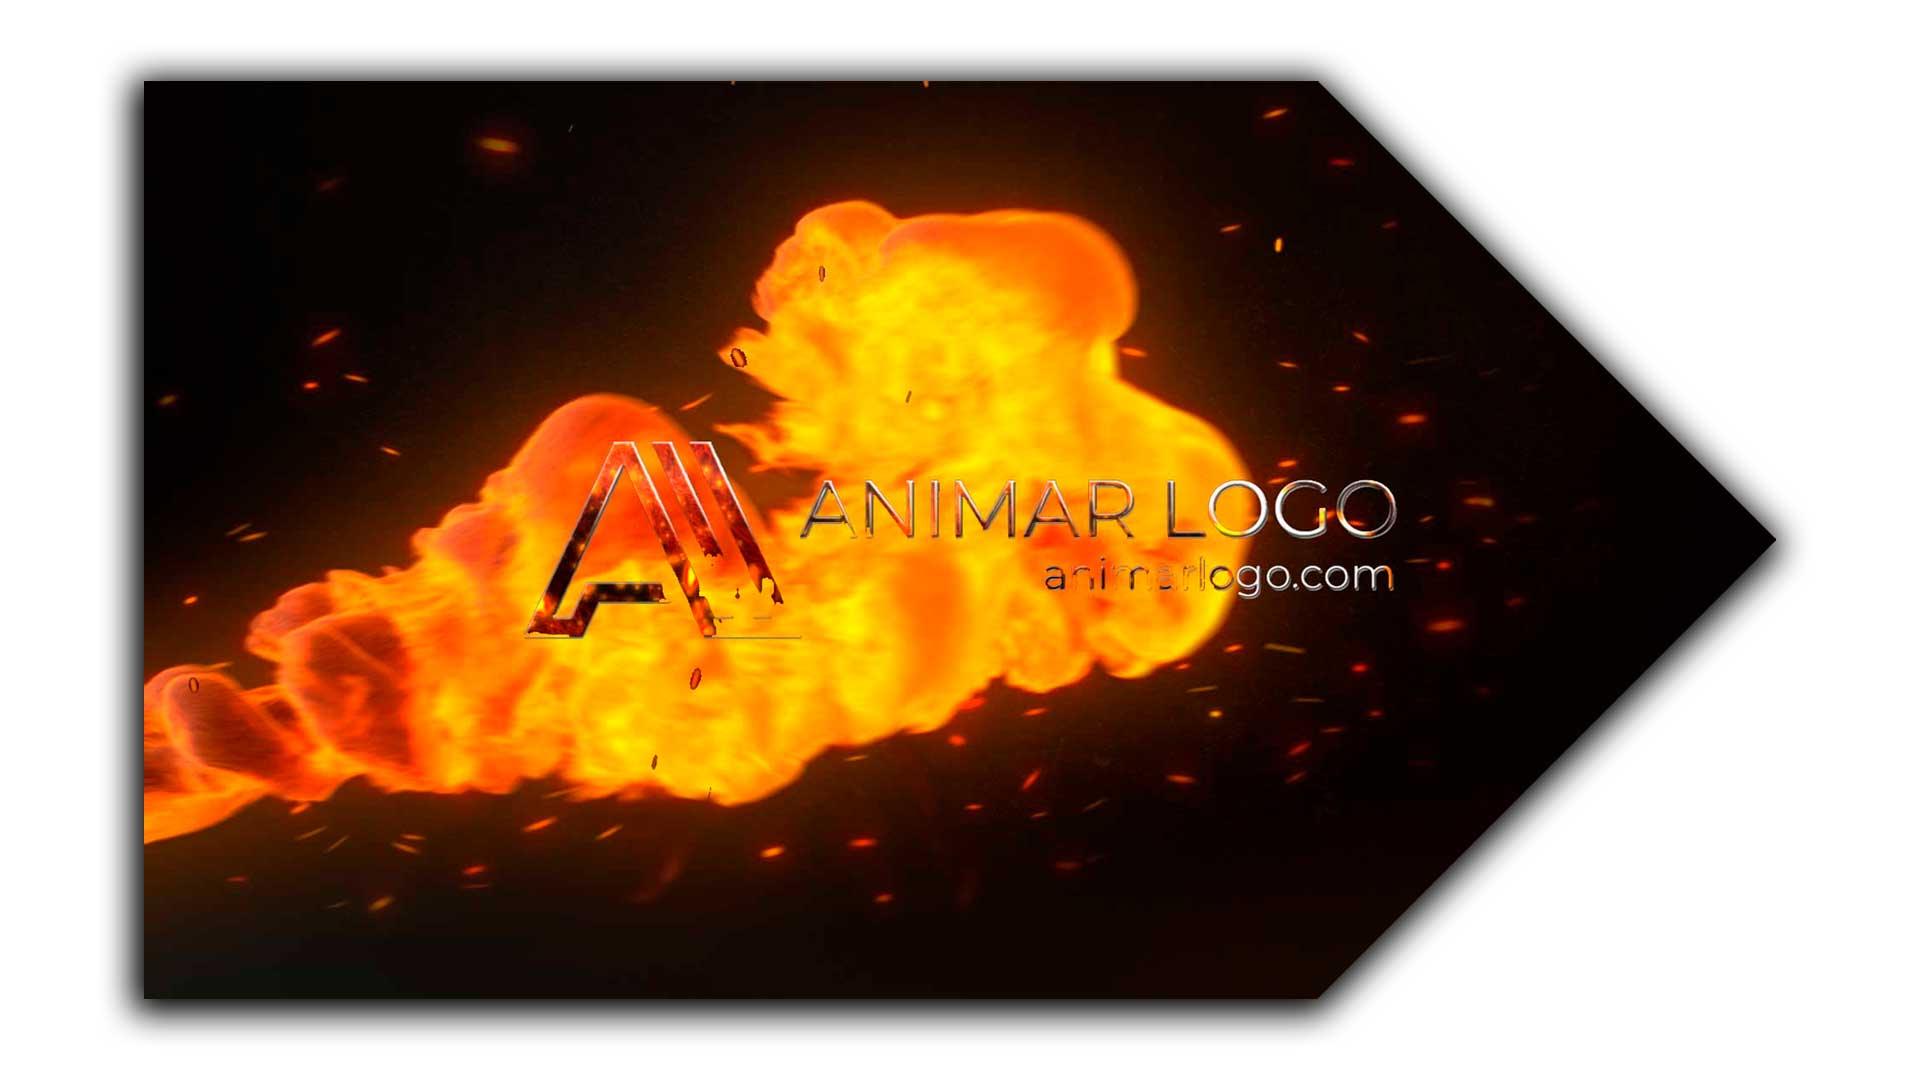 Ver-animar-logo-con-fuego-y-llamas-animarlogo-blog